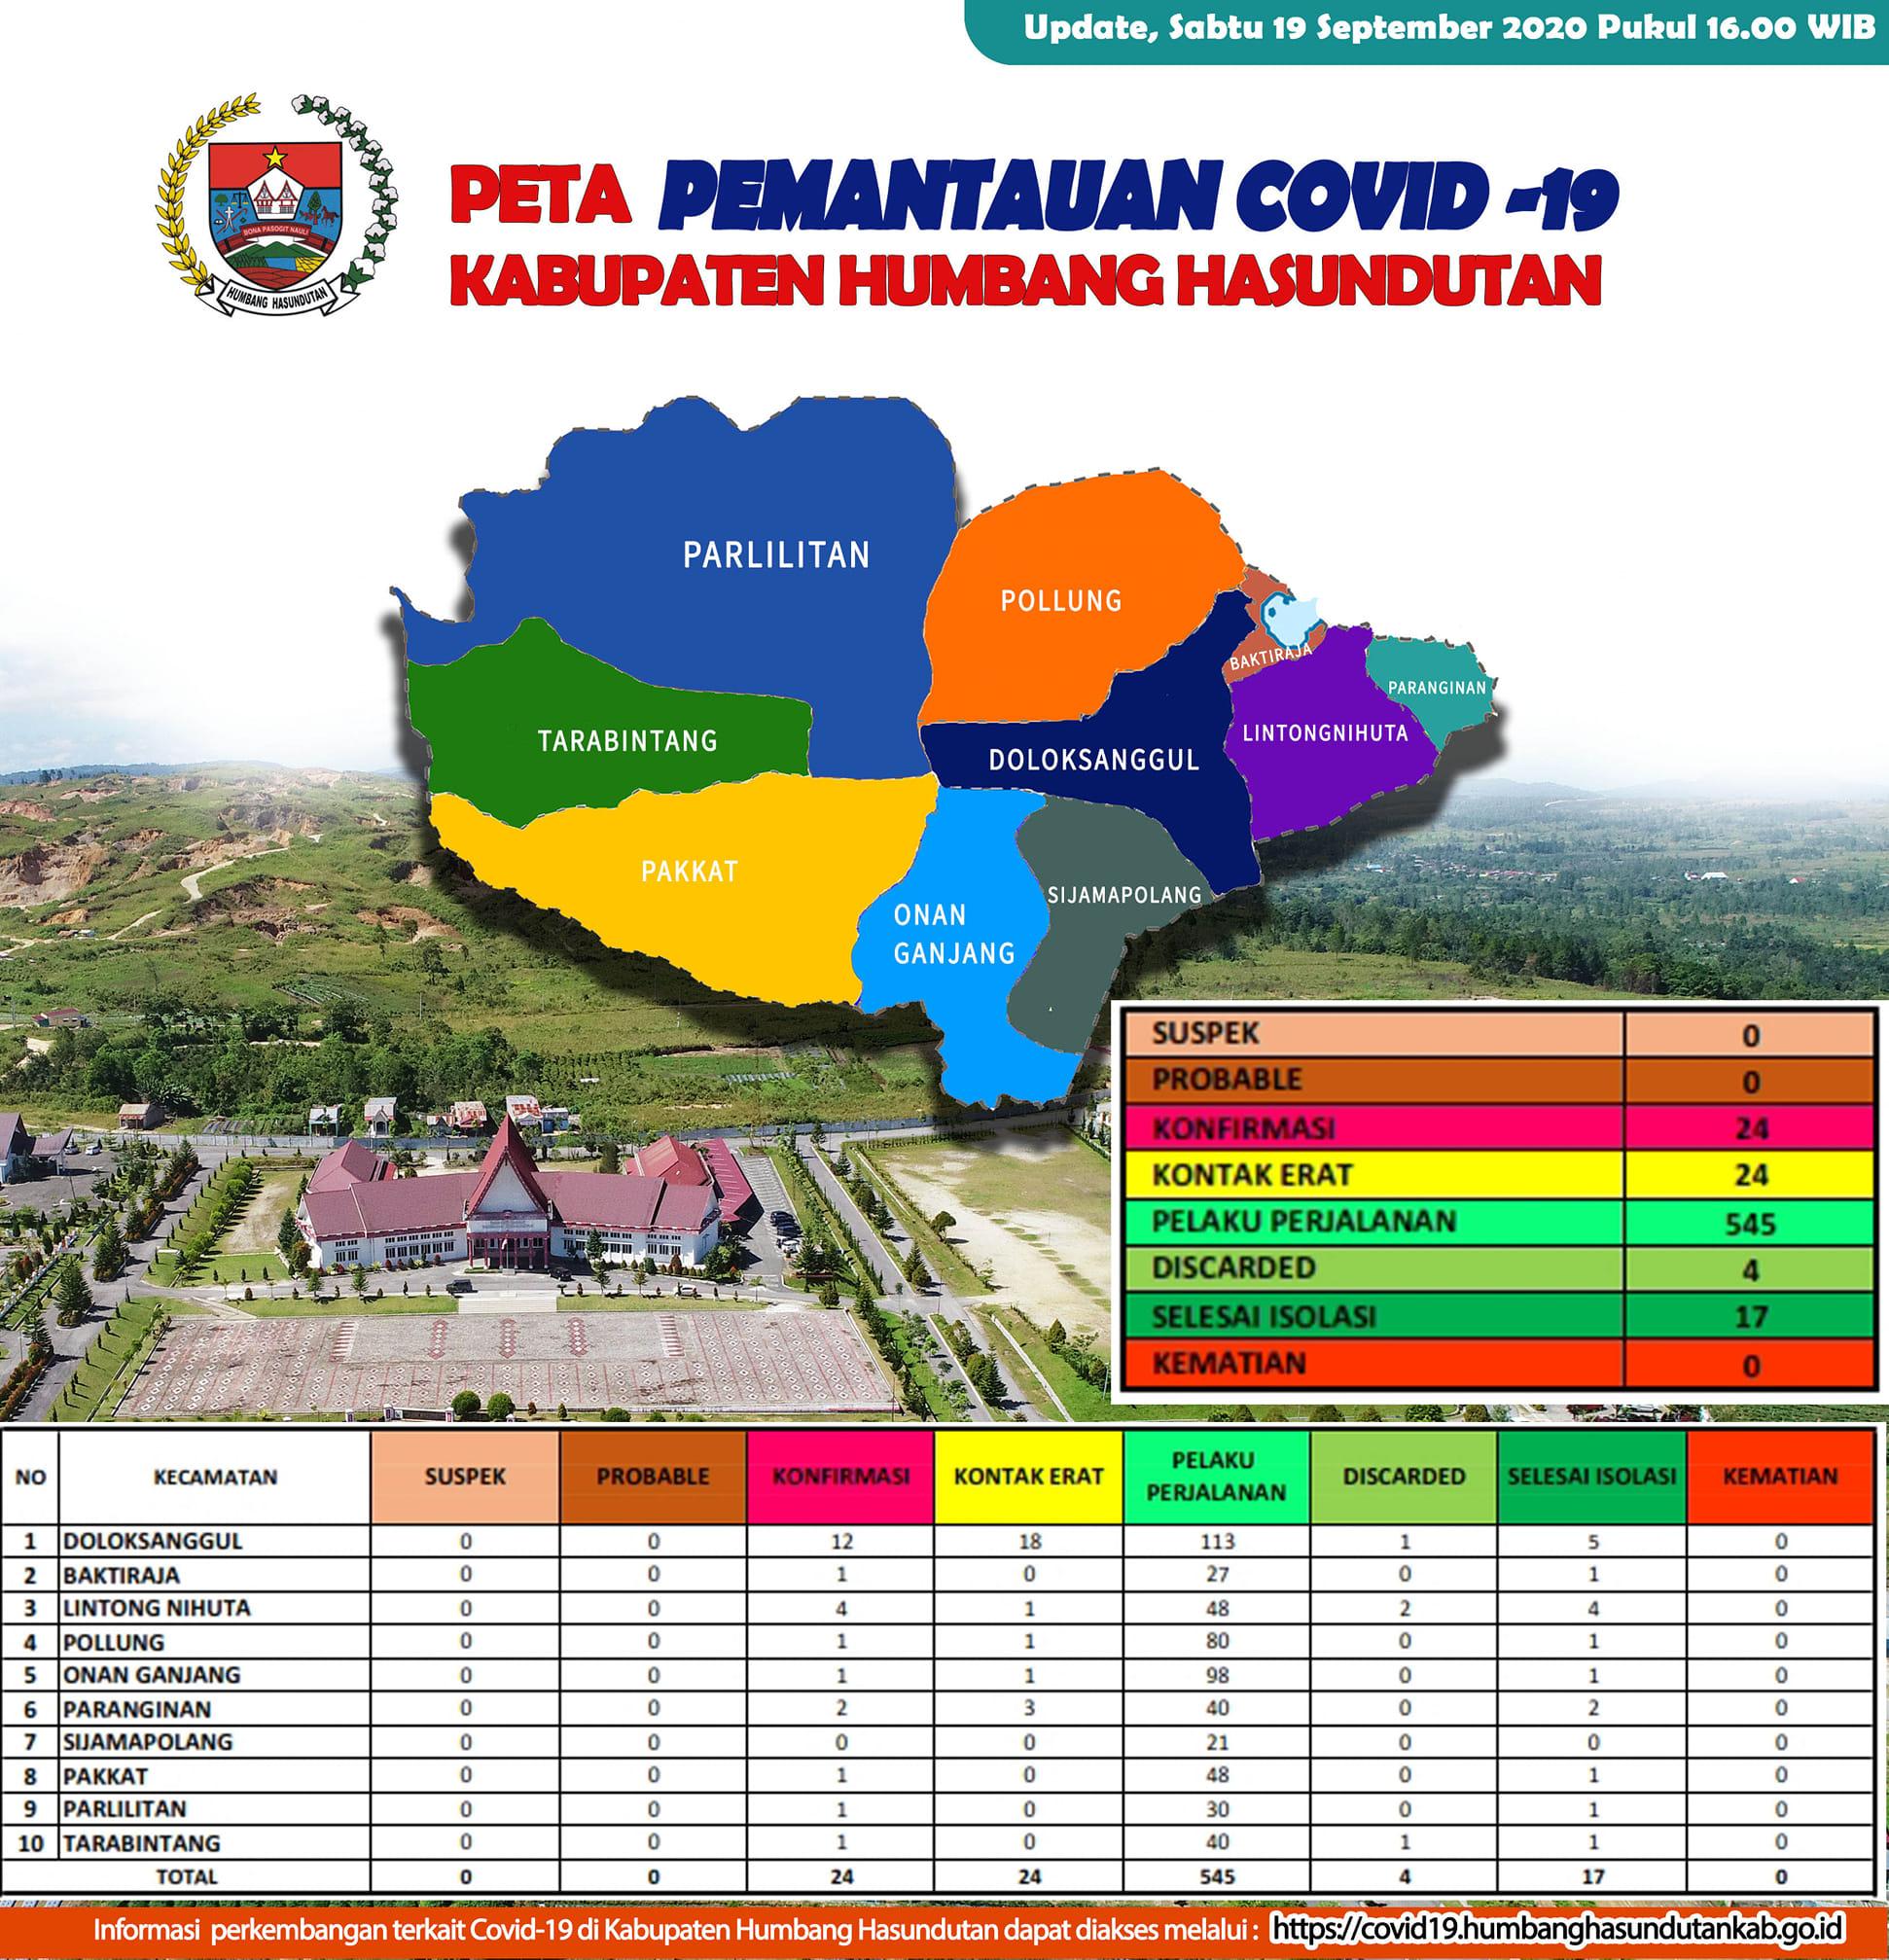 Peta Pemantauan Covid 19 Pemerintah Kabupaten Humbang Hasundutan tanggal 19 September 2020 s/d pukul 16.00 WIB